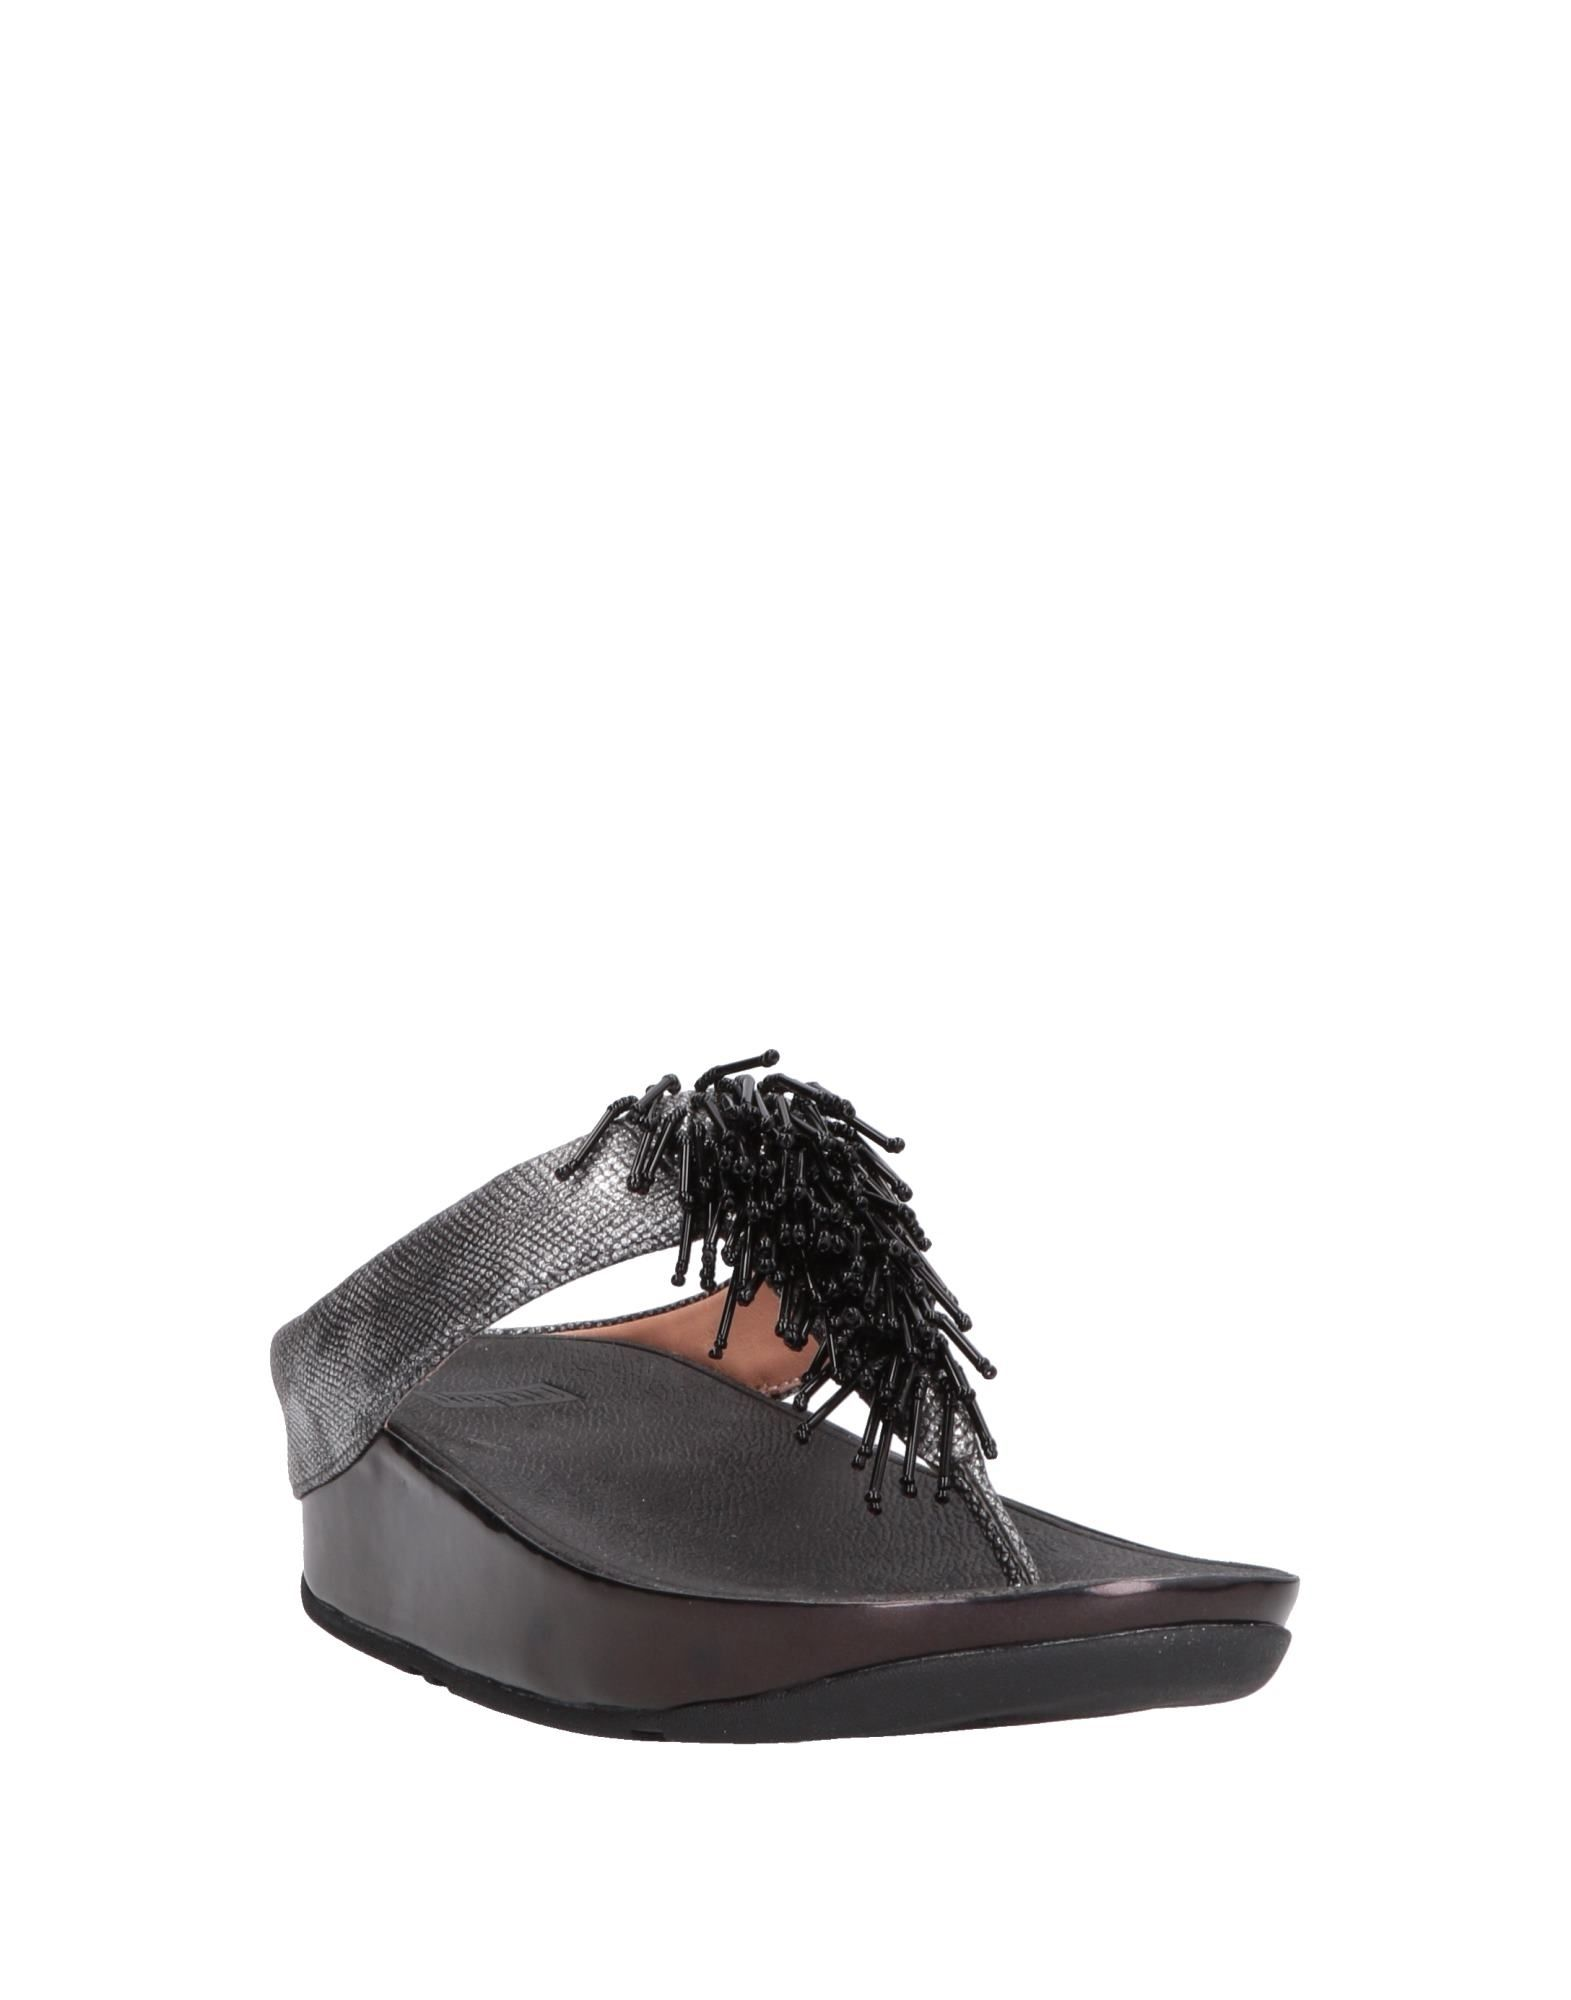 Fitflop Flip Flops - - - Women Fitflop Flip Flops online on  United Kingdom - 11575624LV 84d7fa